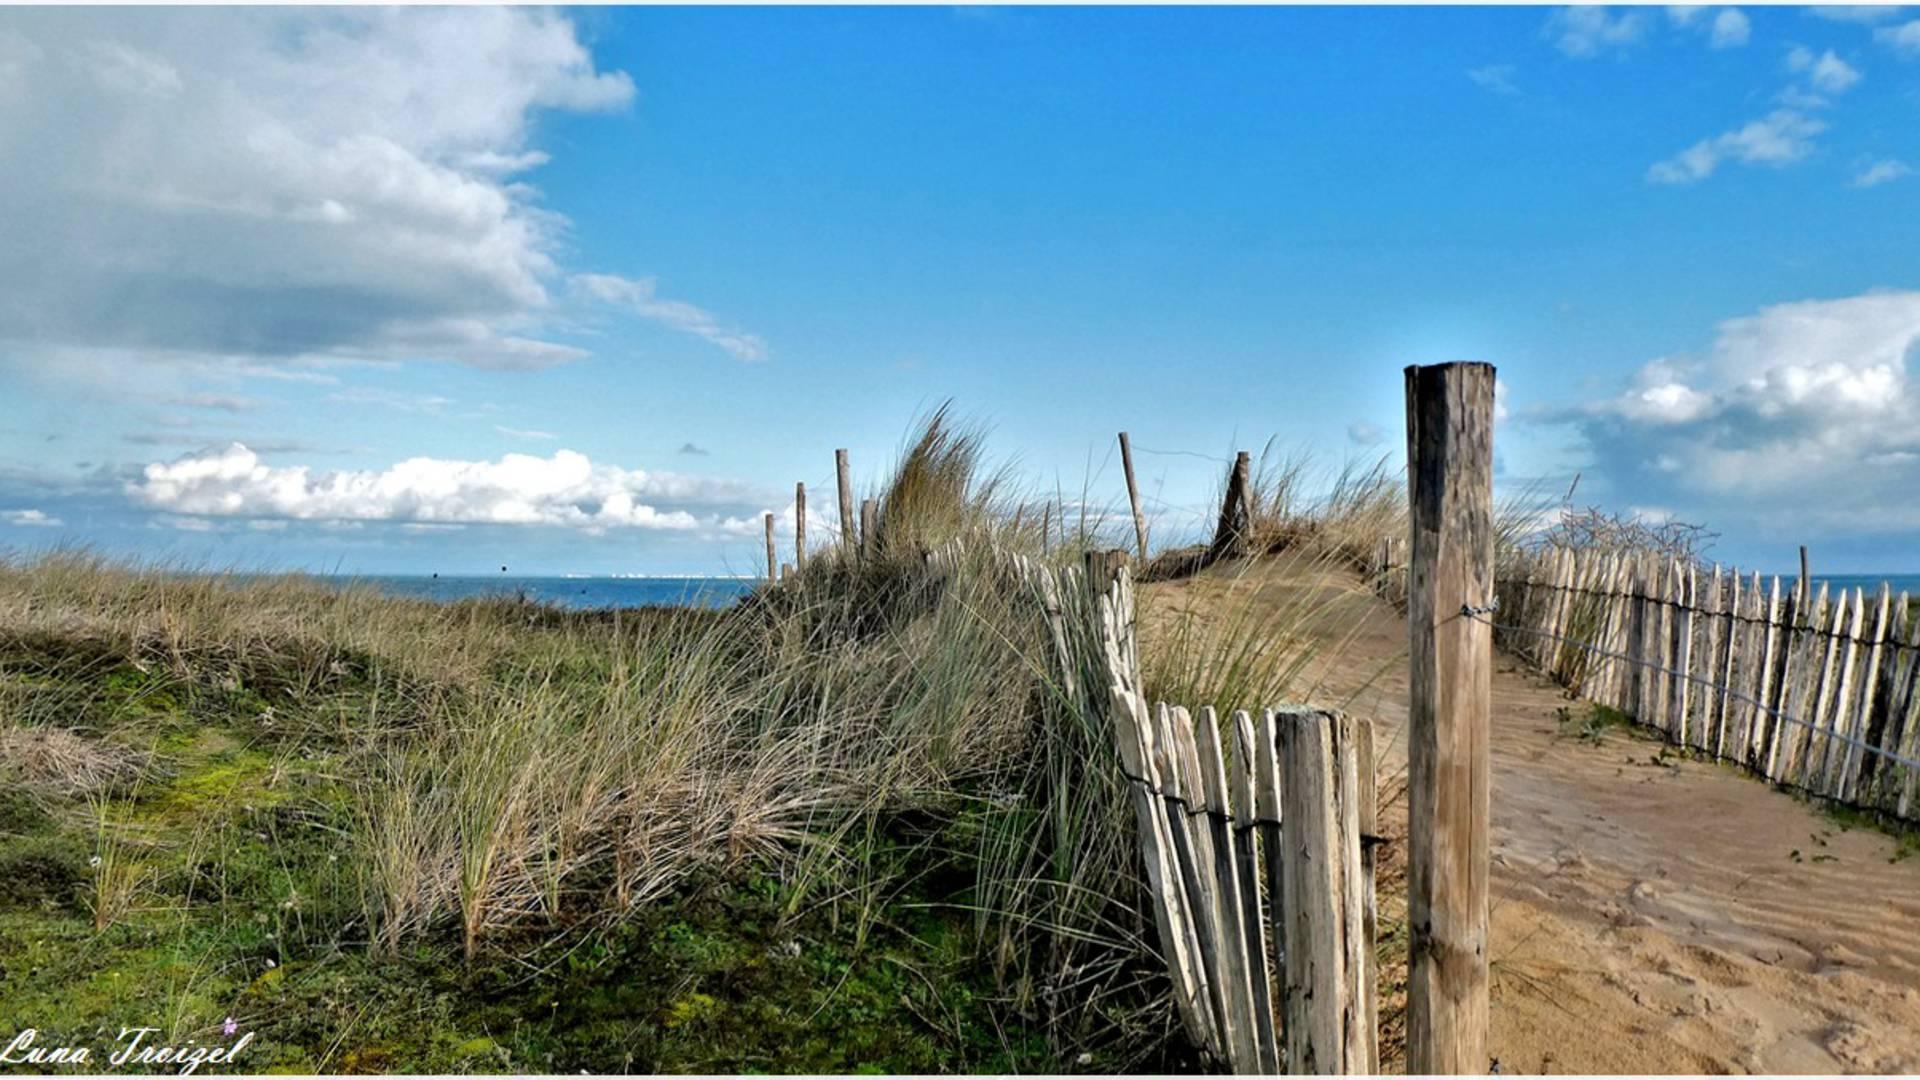 Les dunes et plage à l'île d'Yeu ©Luna Troizel